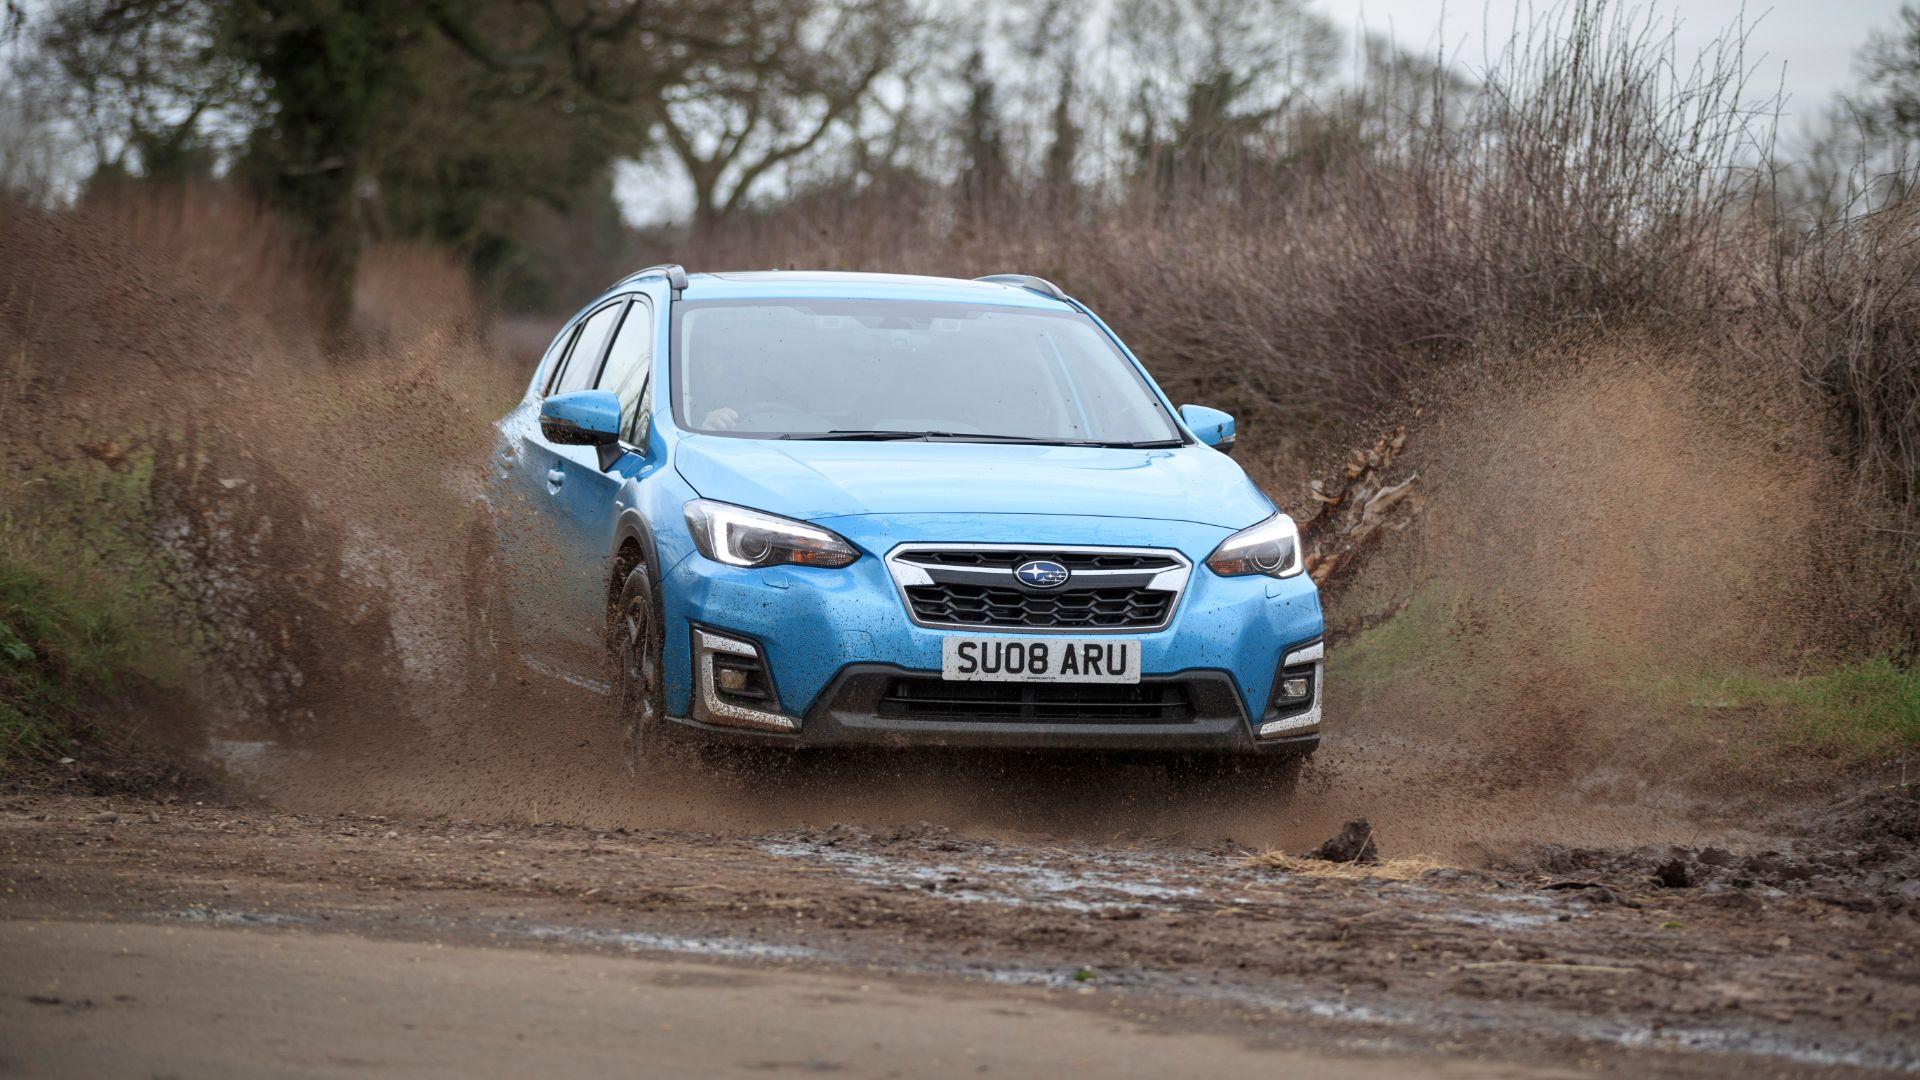 Subaru – 96.6 percent